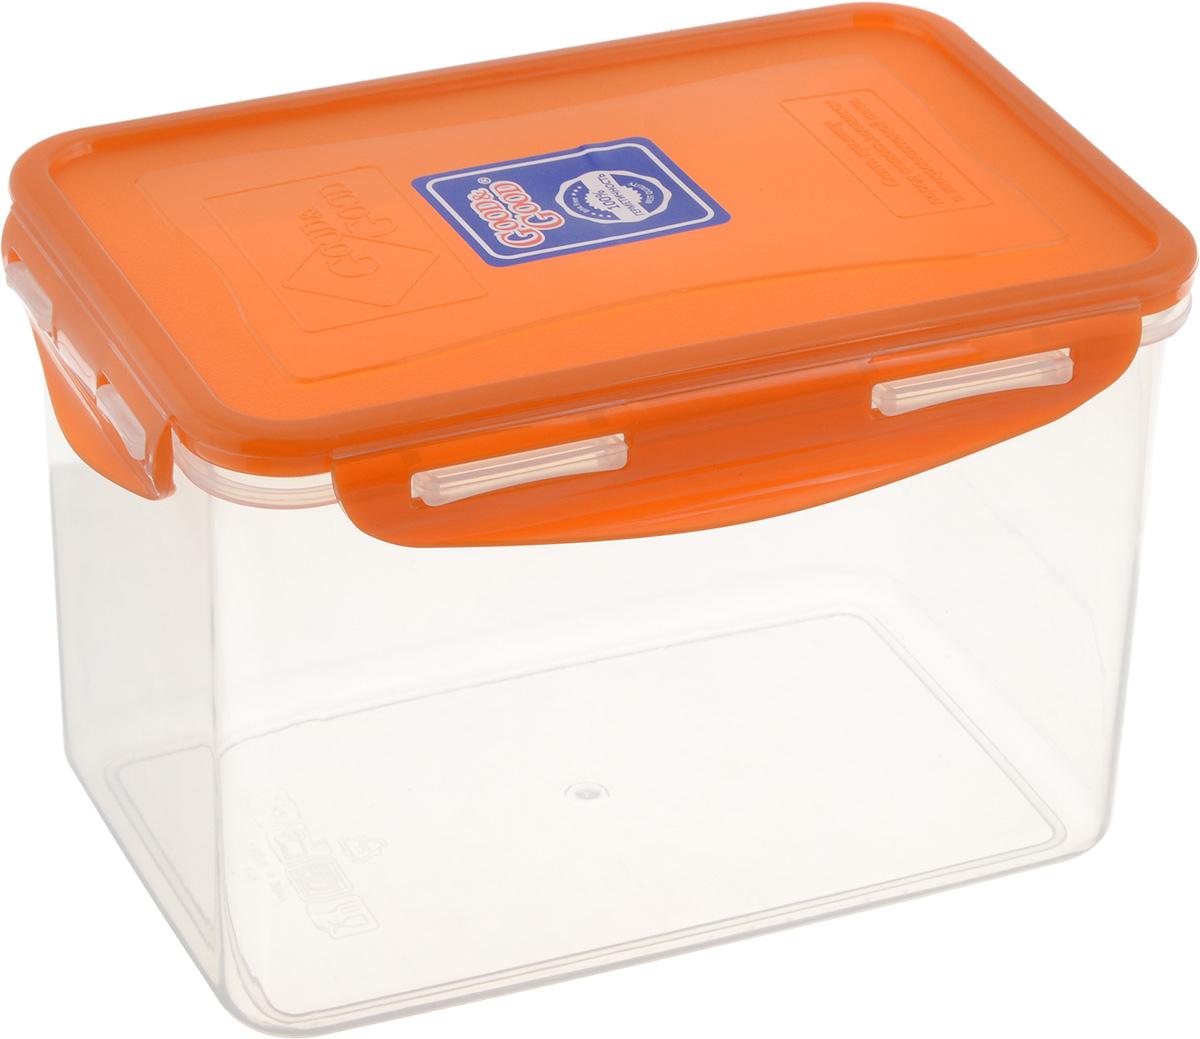 Контейнер пищевой Good&Good, цвет: прозрачный, оранжевый, 2,2 л. B/COL 3-3Аксион Т-33Прямоугольный контейнер Good&Good изготовлен из высококачественного полипропилена и предназначен для хранения любых пищевых продуктов. Благодаря особымтехнологиям изготовления, лотки в течение временислужбы не меняют цвет и не пропитываются запахами. Крышкас силиконовой вставкой герметично защелкиваетсяспециальным механизмом. Контейнер Good&Good удобен для ежедневного использования в быту.Можно мыть в посудомоечной машине и использовать в микроволновой печи.Размер контейнера (с учетом крышки): 20,1 х 13,5 х 13,1 см.